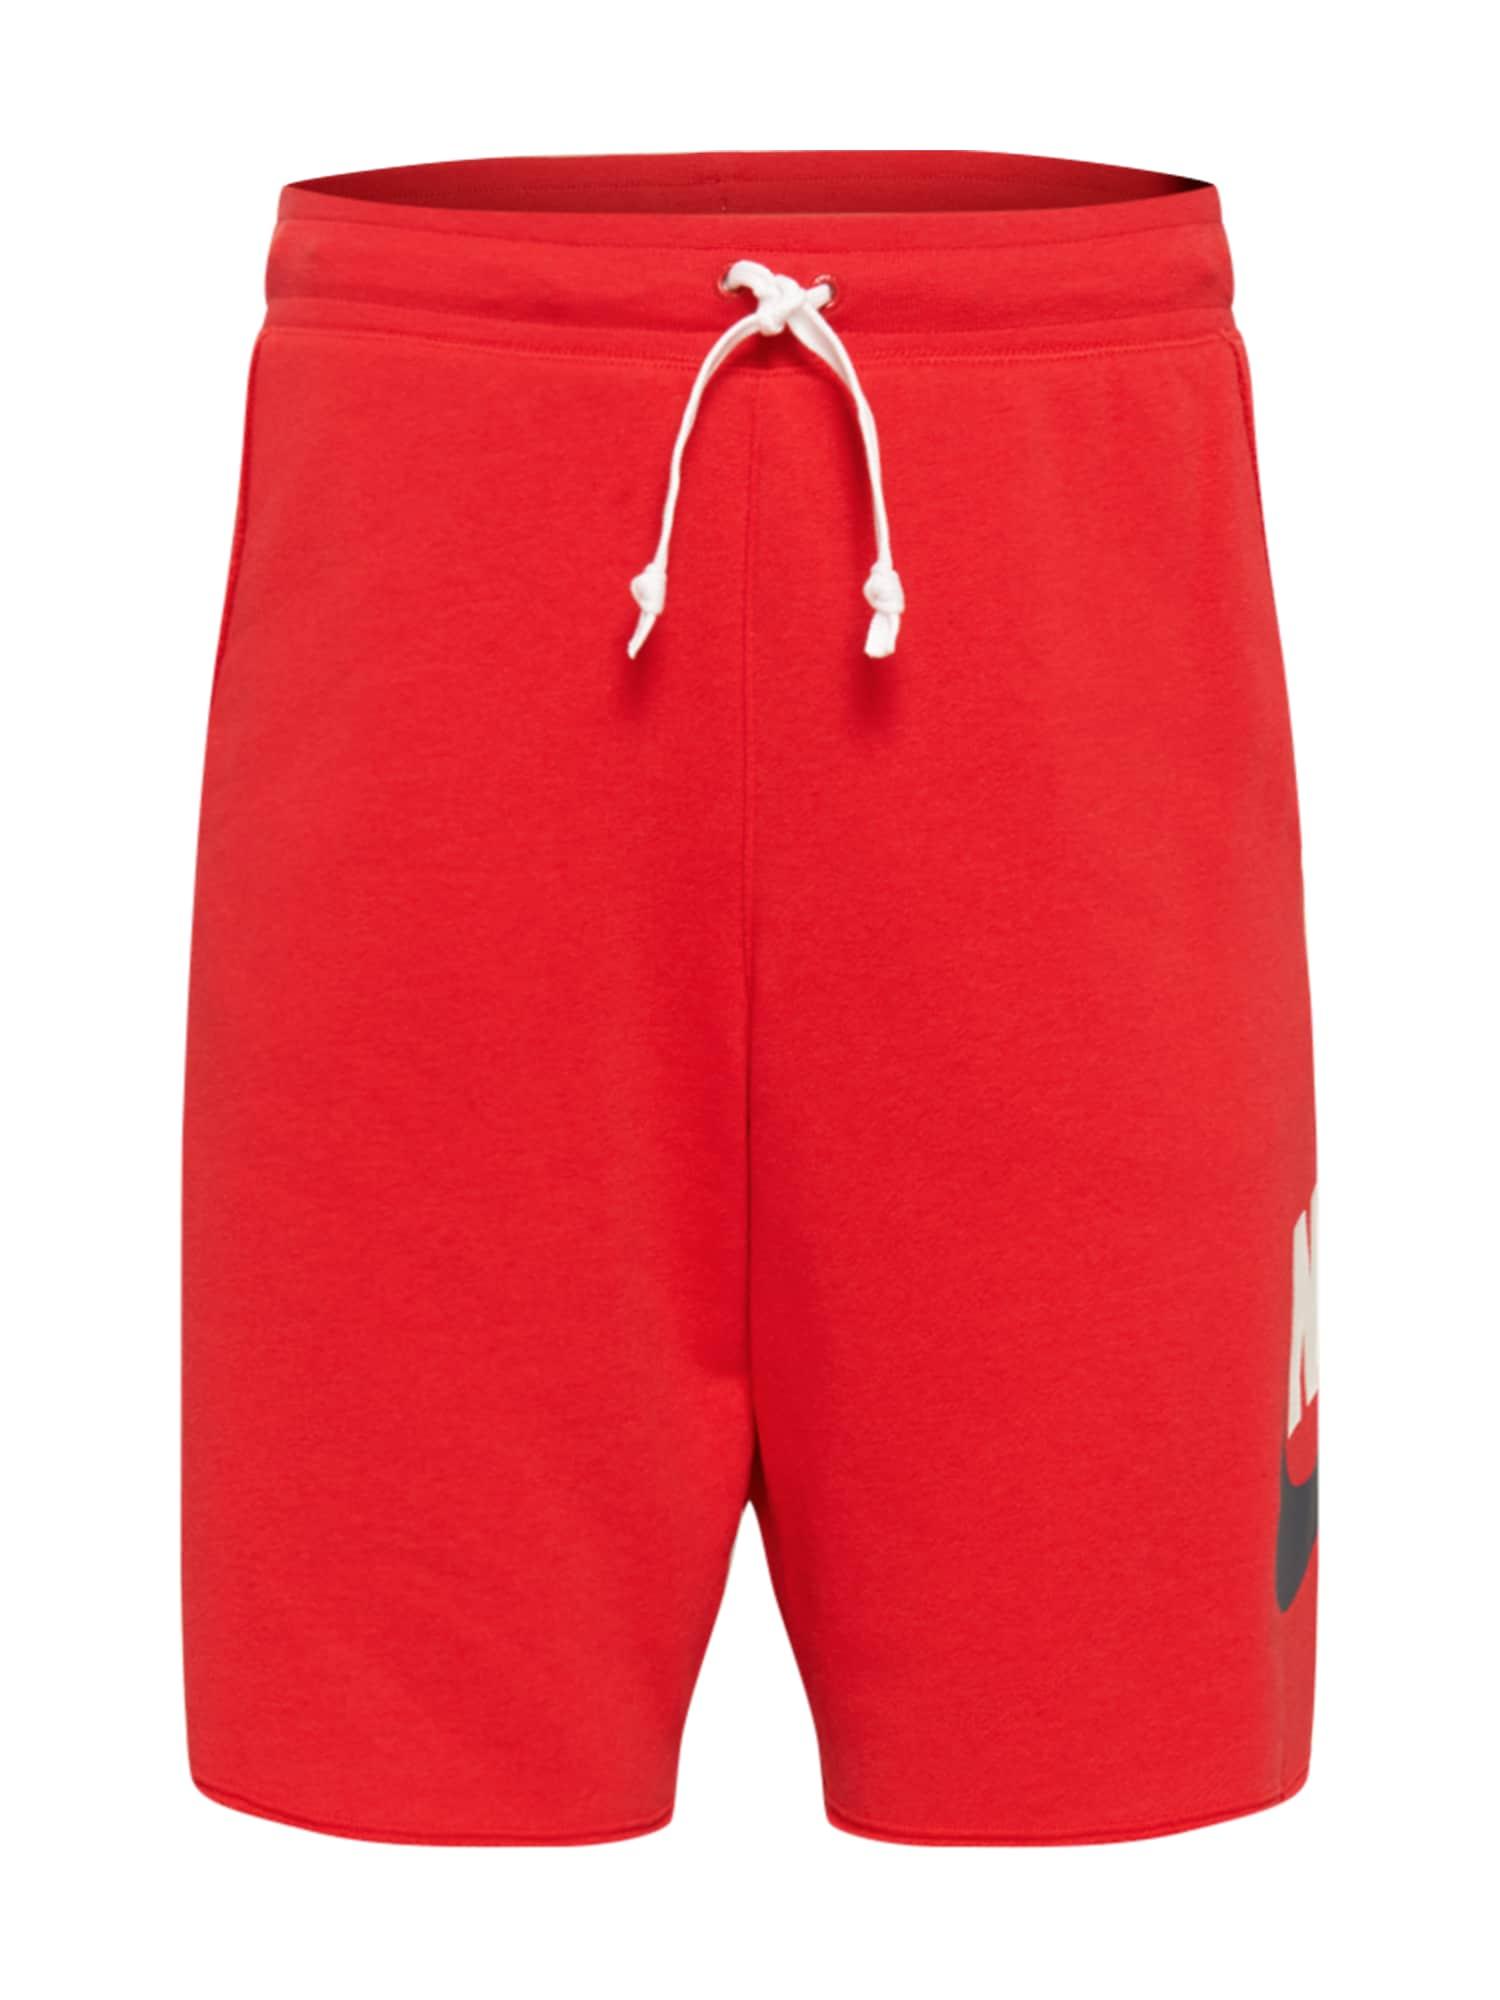 Nike Sportswear Kelnės raudona / balta / tamsiai mėlyna jūros spalva